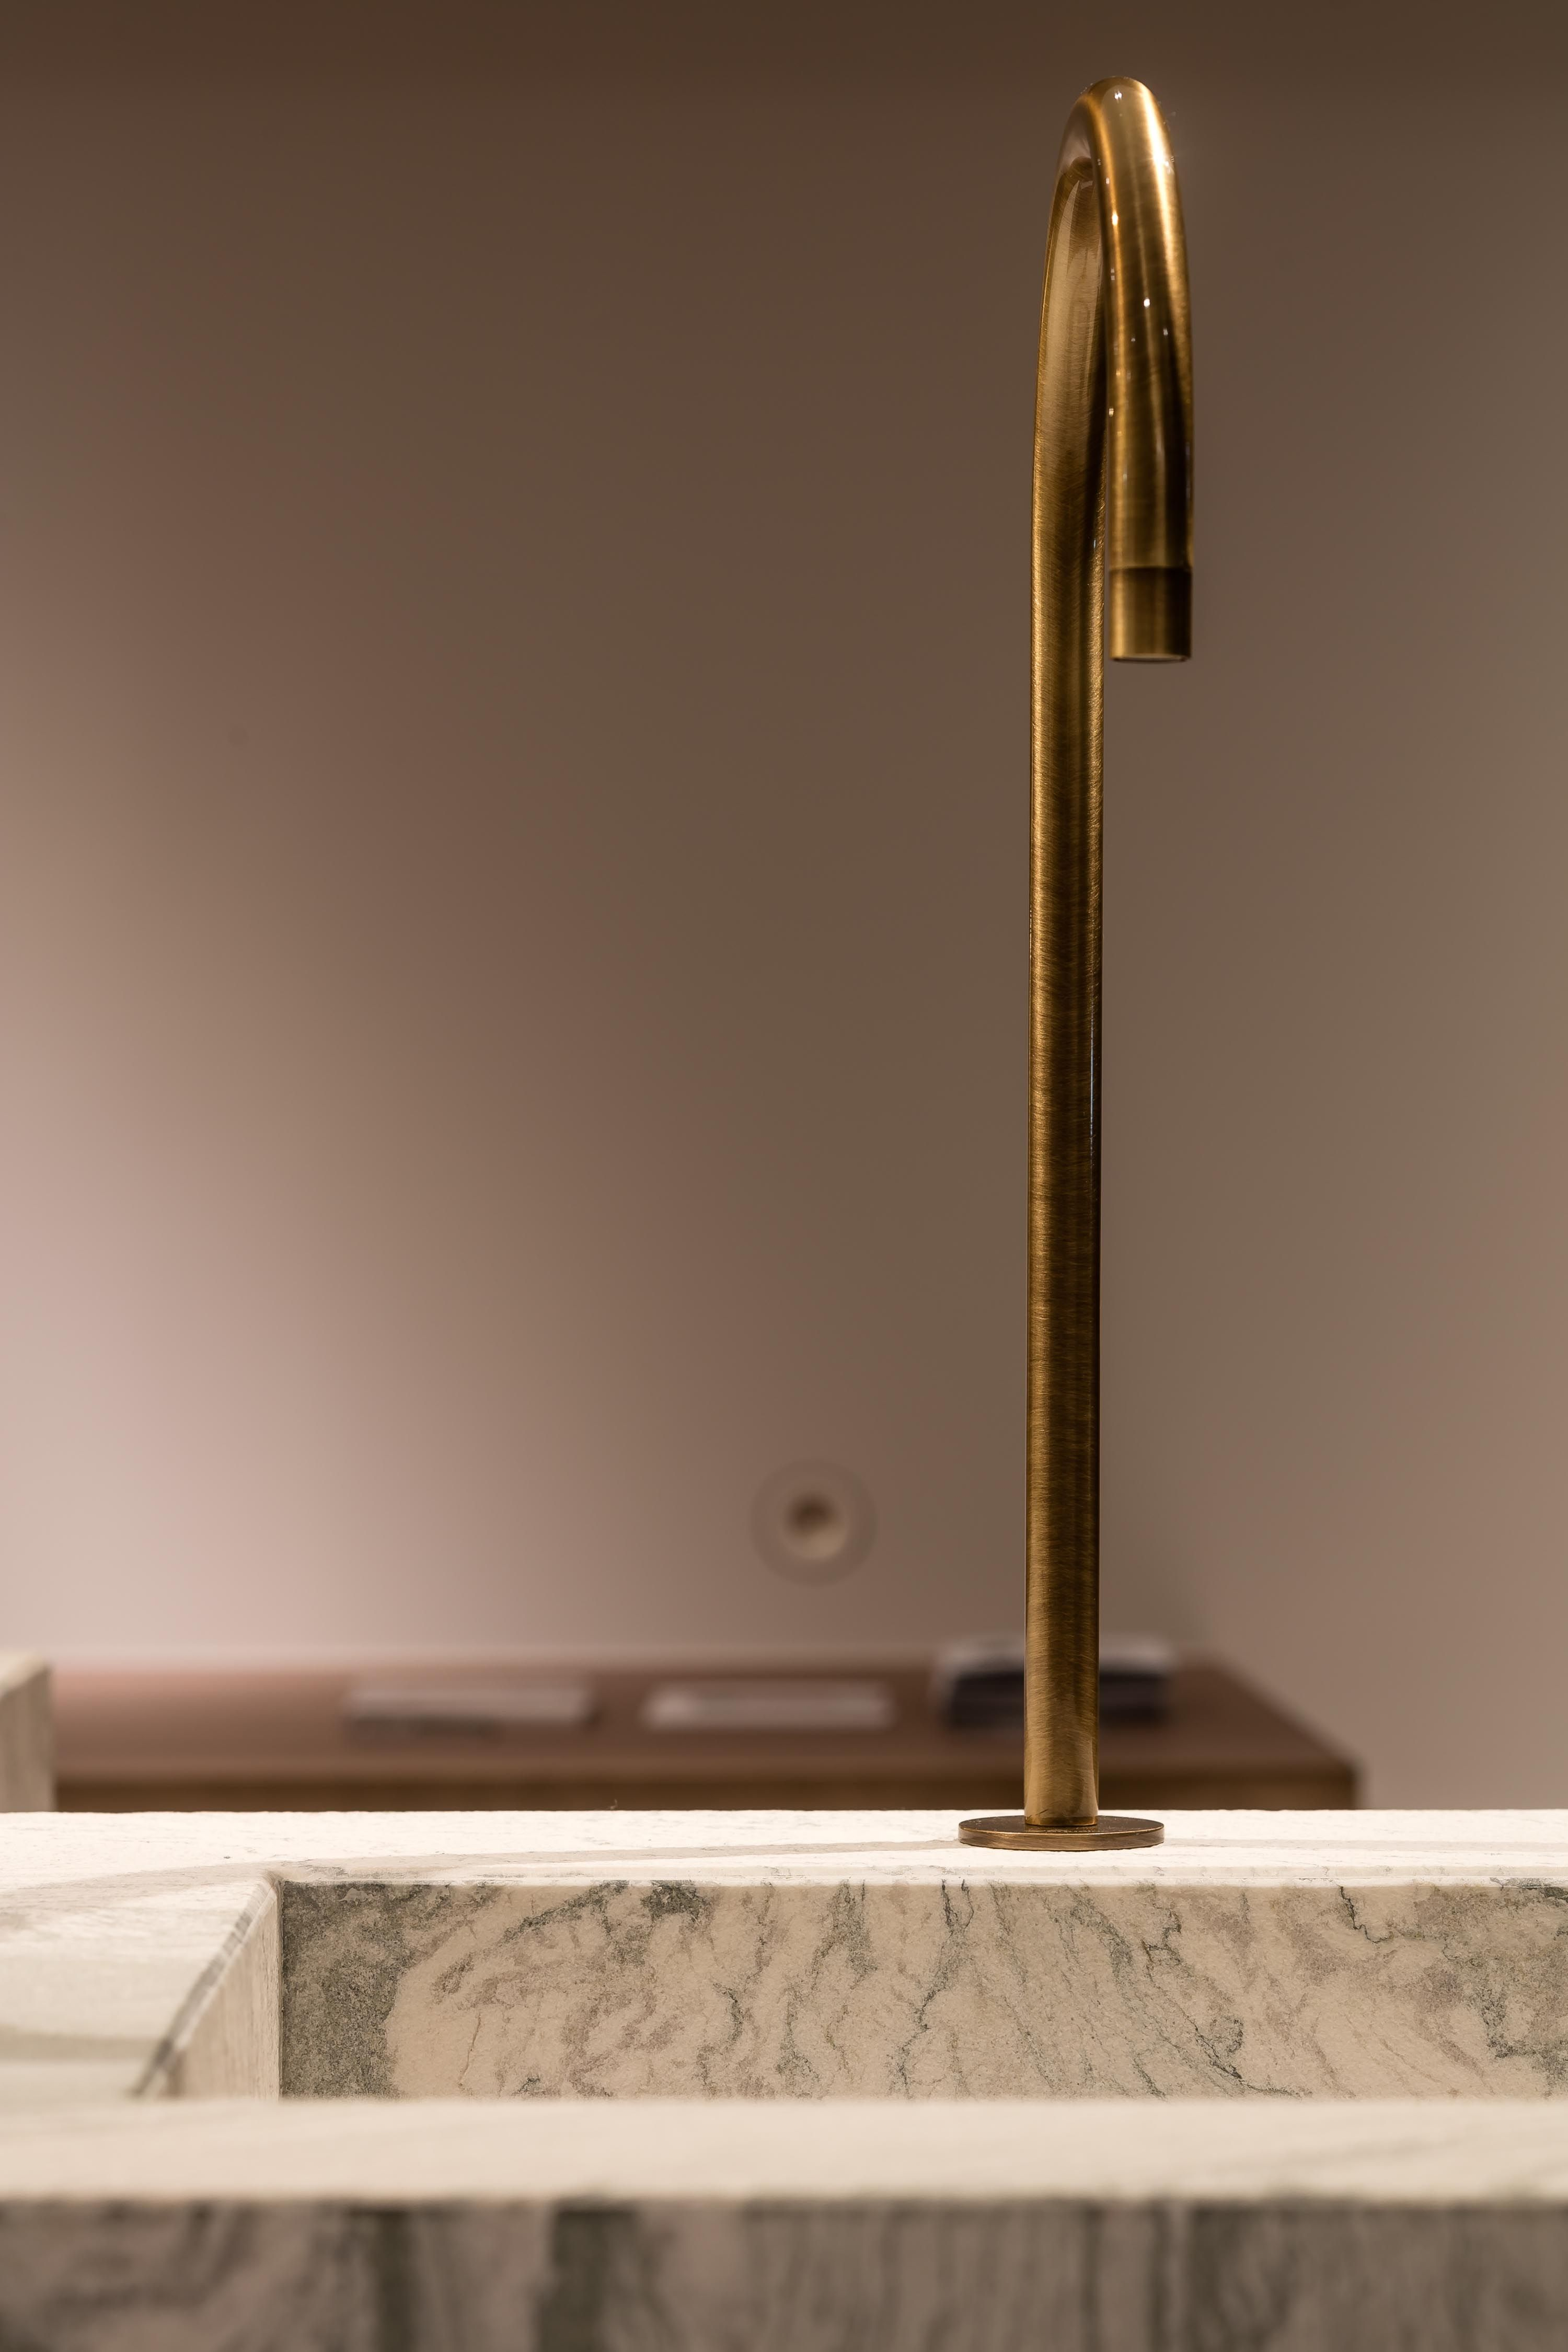 VERDE ST LAURENT - agrippa fijn | BATHROOM | Pinterest | Bath mixer ...